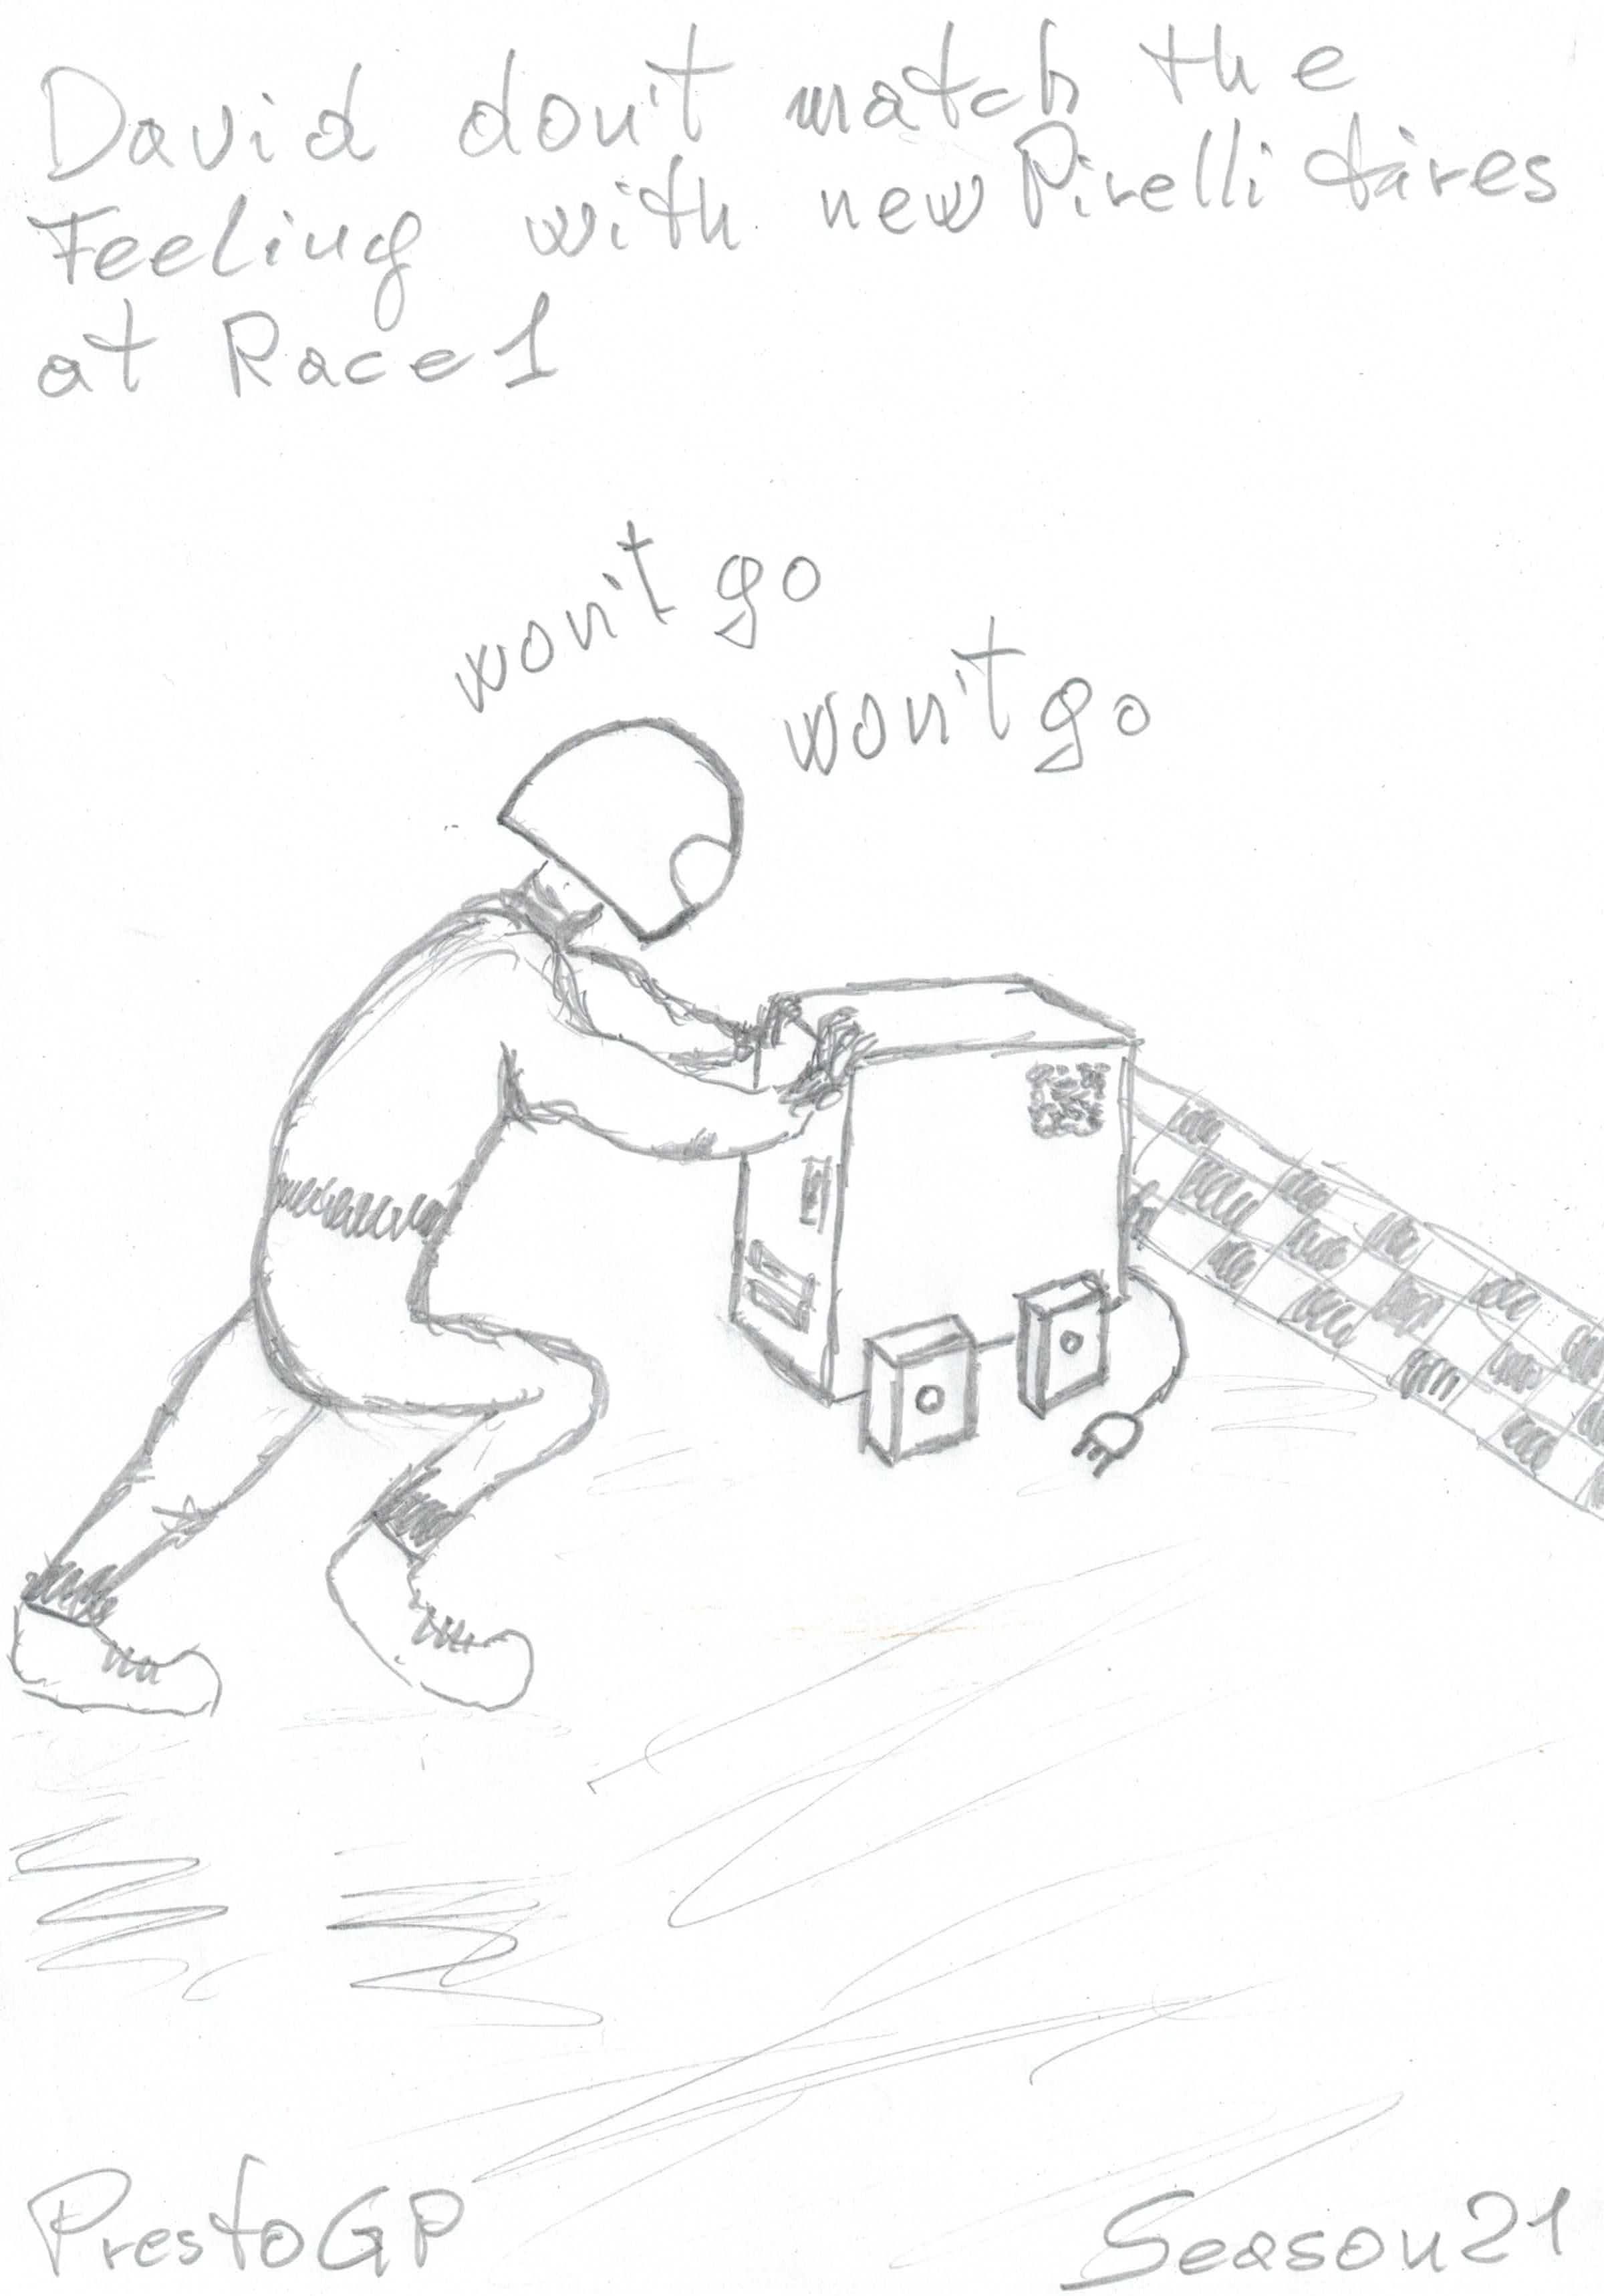 race1-S21.JPG